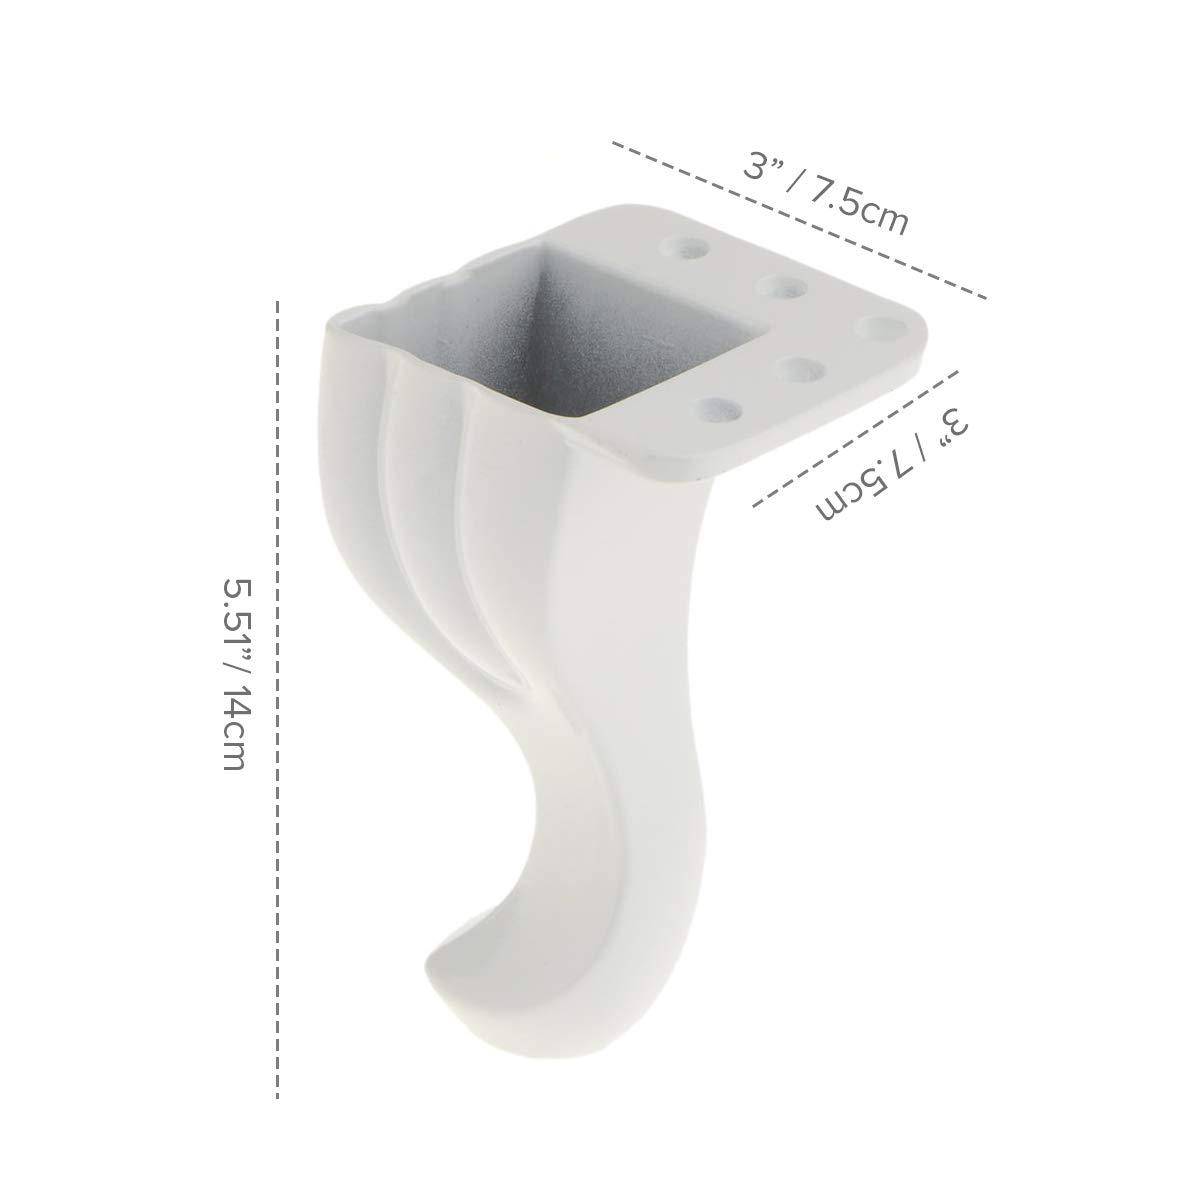 14cm Metall M/öbelf/ü/ße La Vane 4 St/ück Aluminium Rund Verstellbar Tischbeine Schrankf/ü/ße Wei/ß f/ür Schrank Sofa K/üche Tisch 5.5